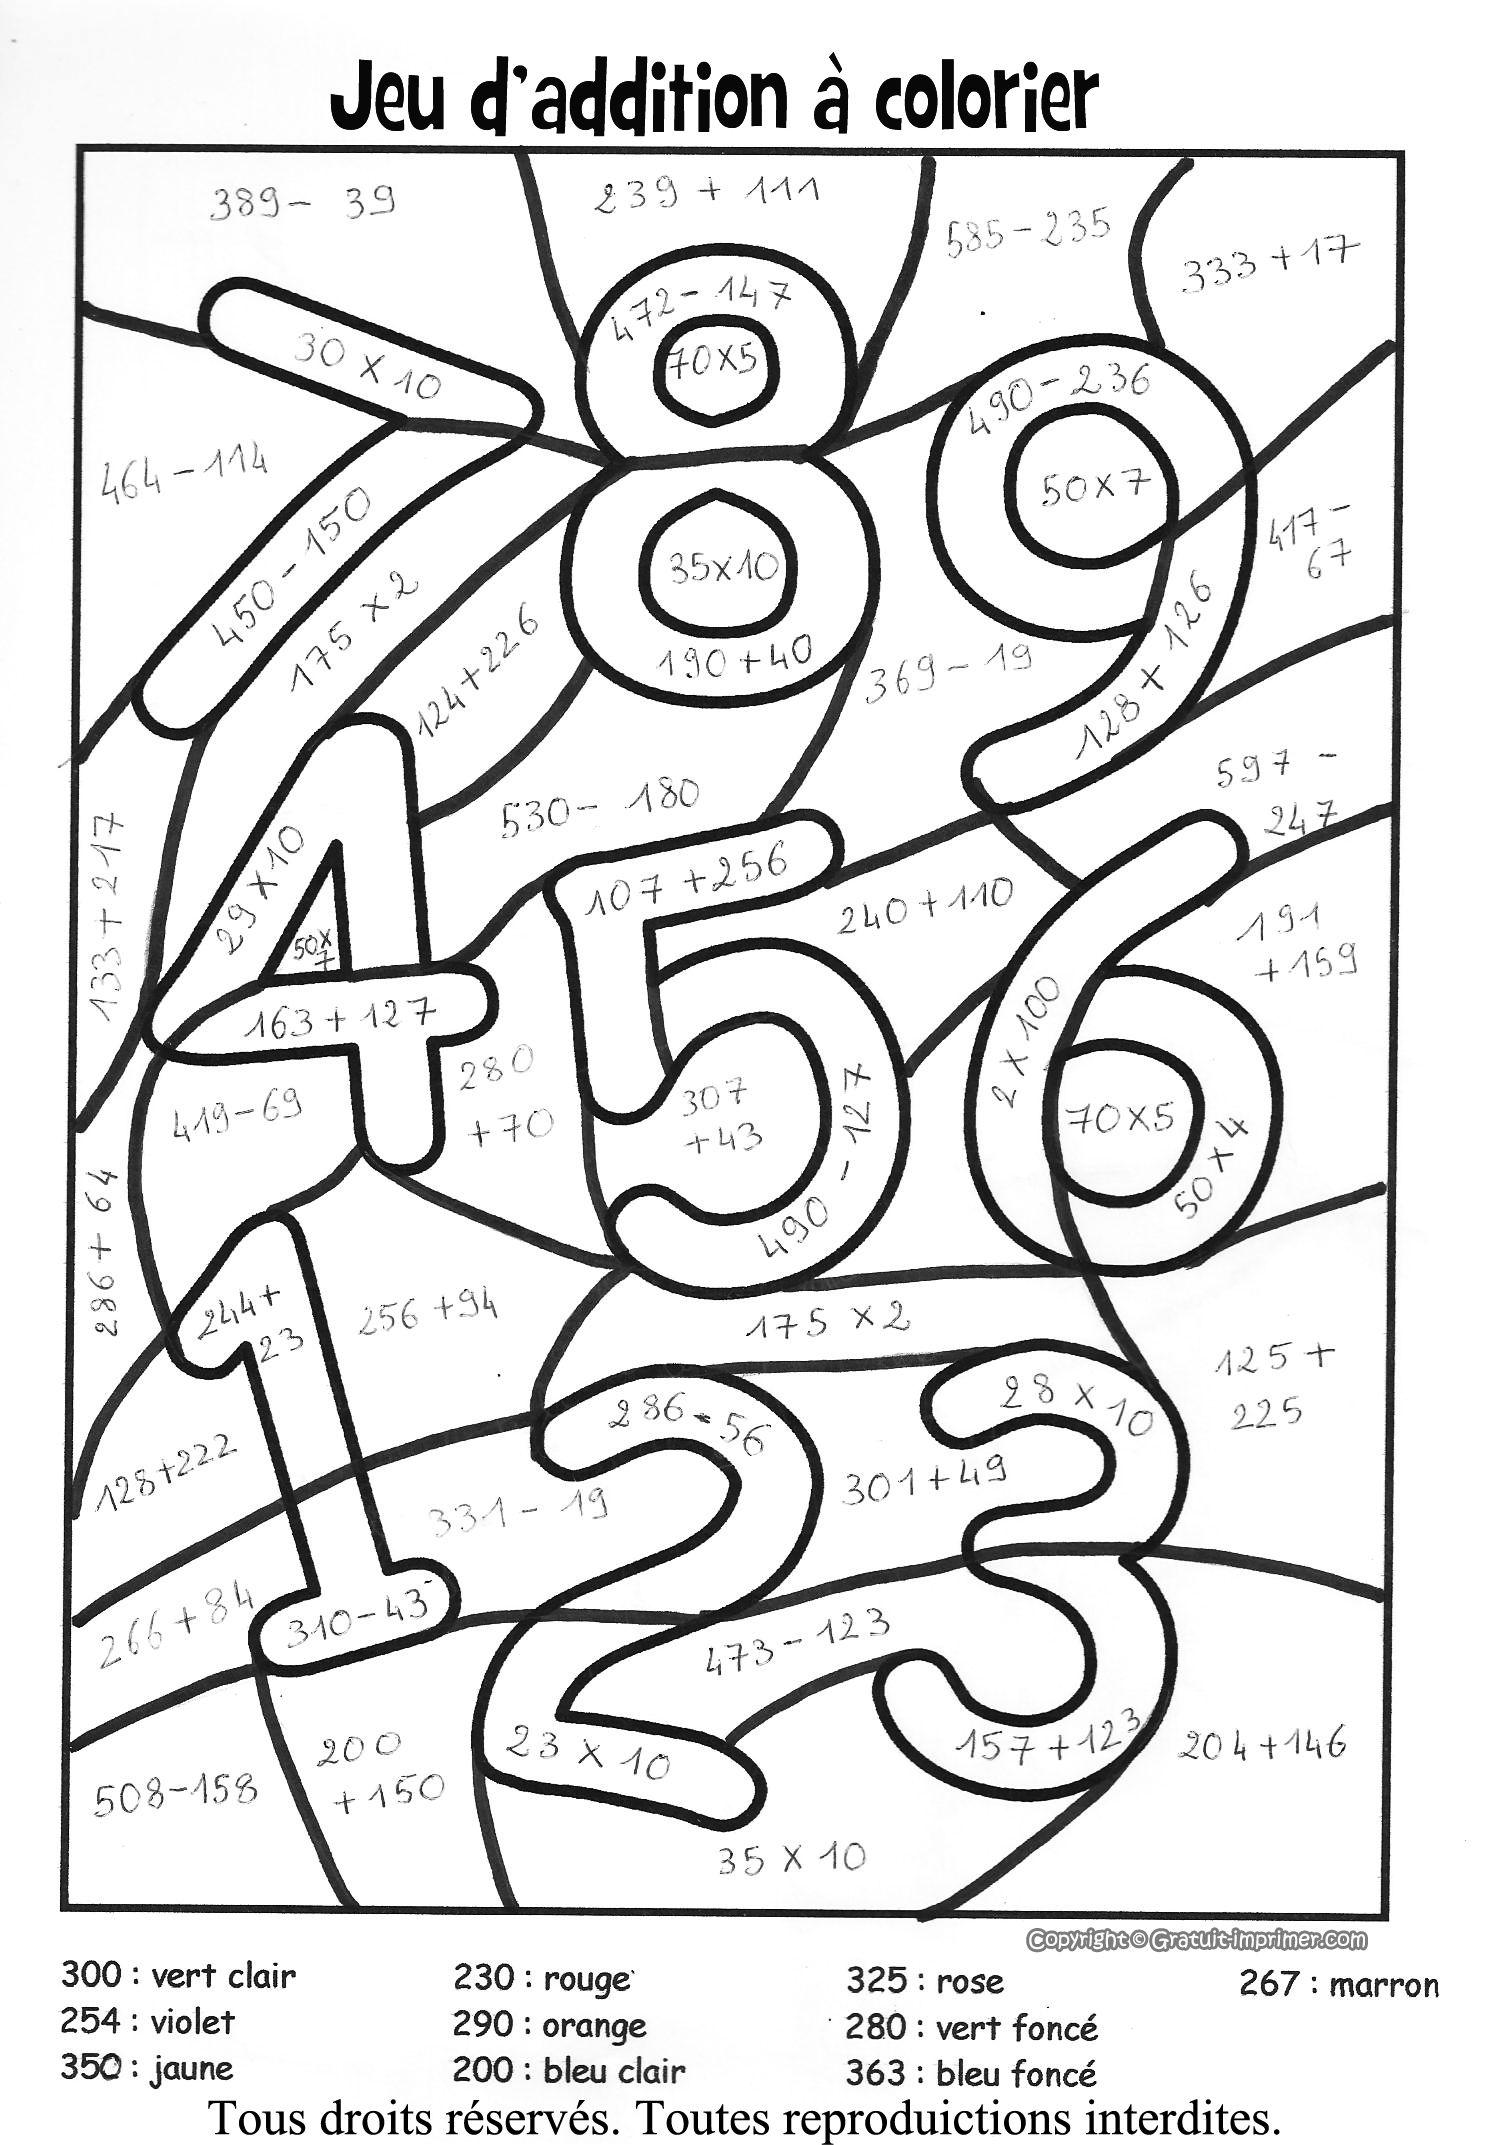 Coloriage Magique Multiplication  colorier Dessin  imprimer